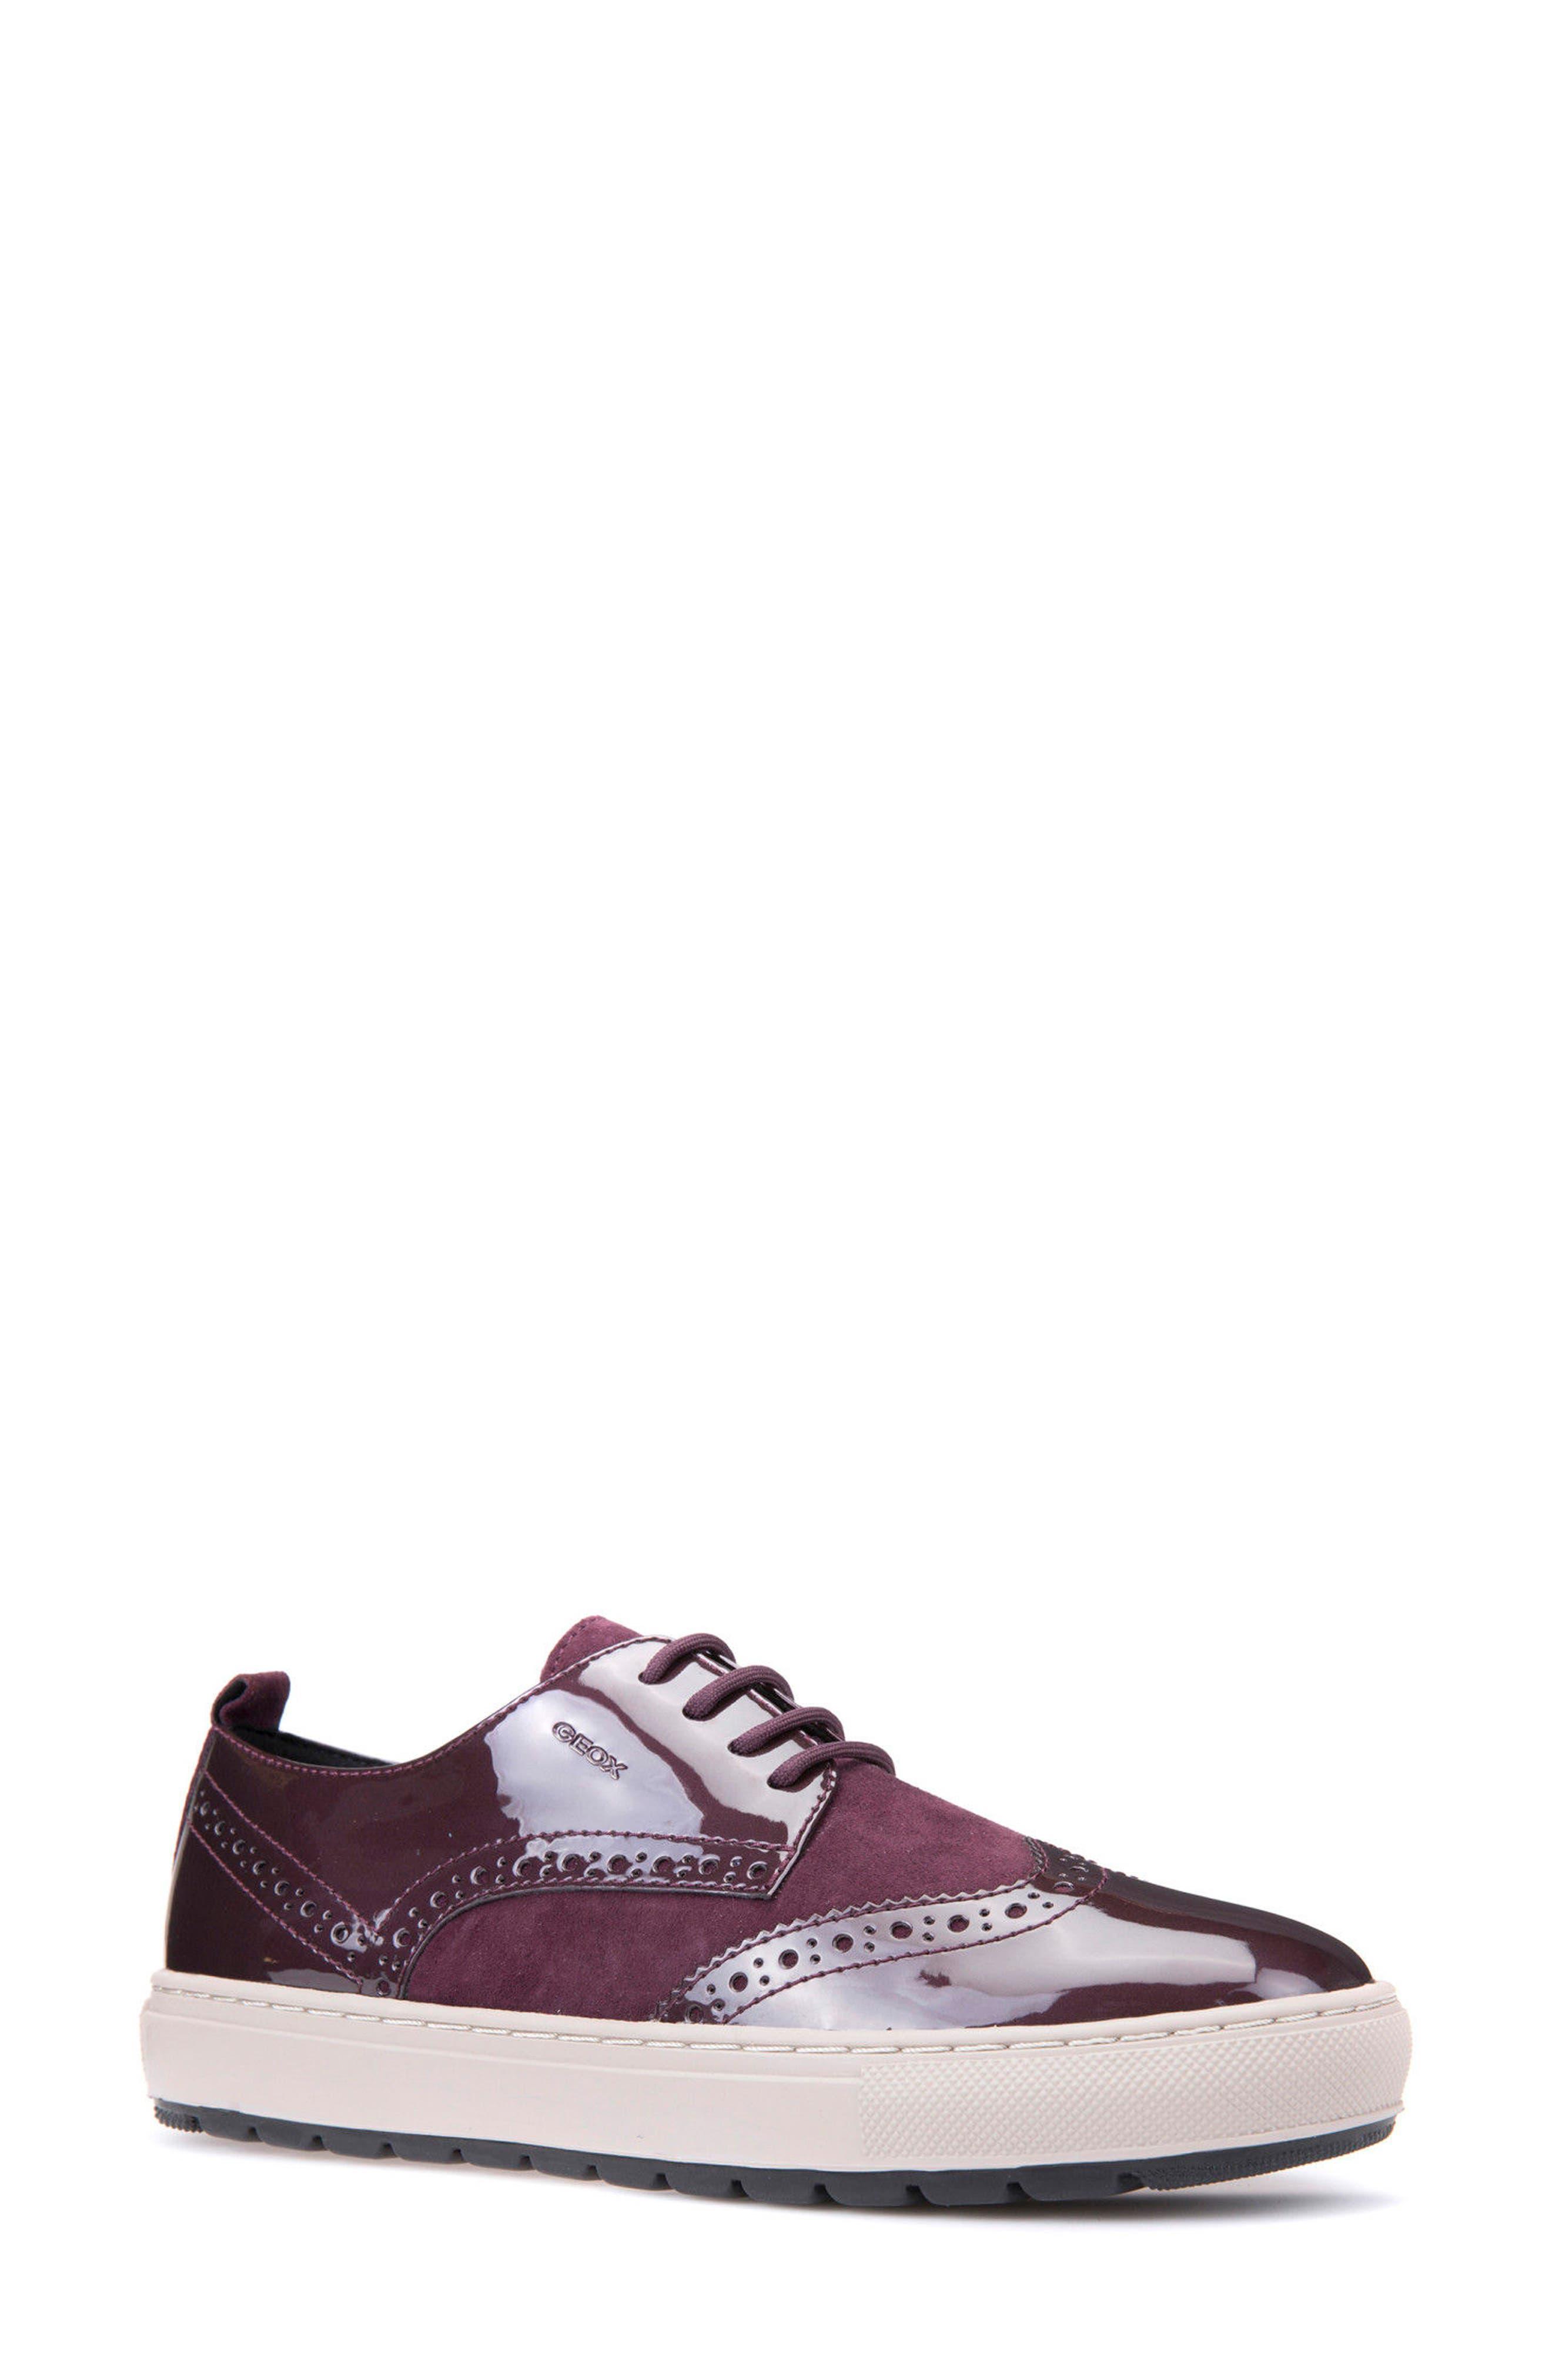 GEOX Breeda Oxford Sneaker